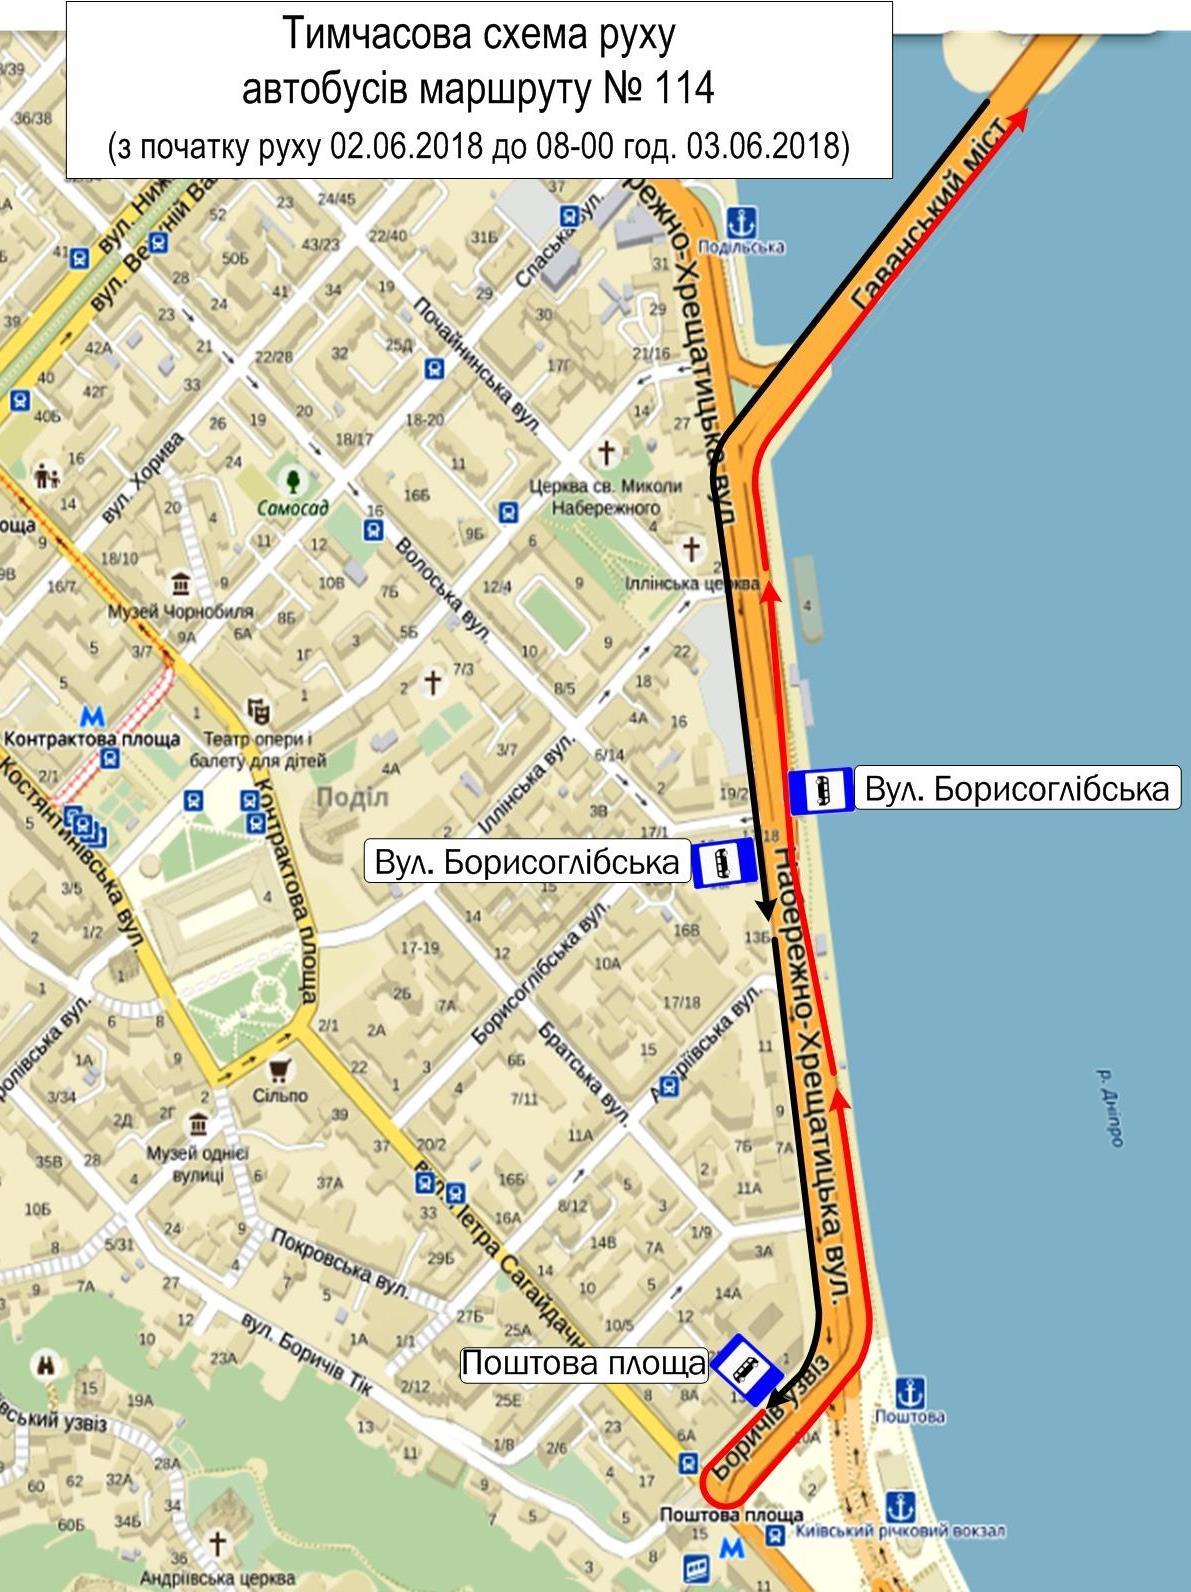 Временная схема движения автобусов маршрута № 114